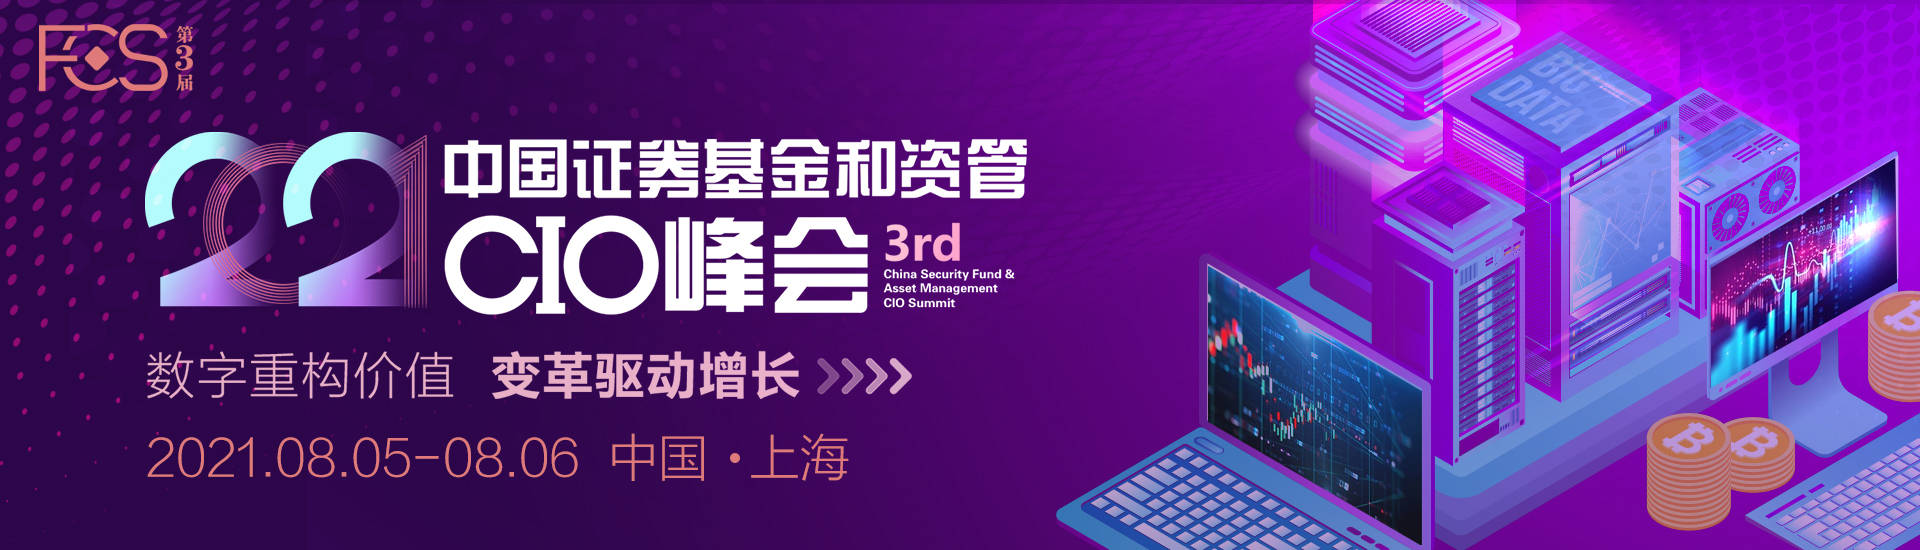 FCS2021整装待发!第三届中国证券基金和资管CIO峰会强势来袭!就等你来!